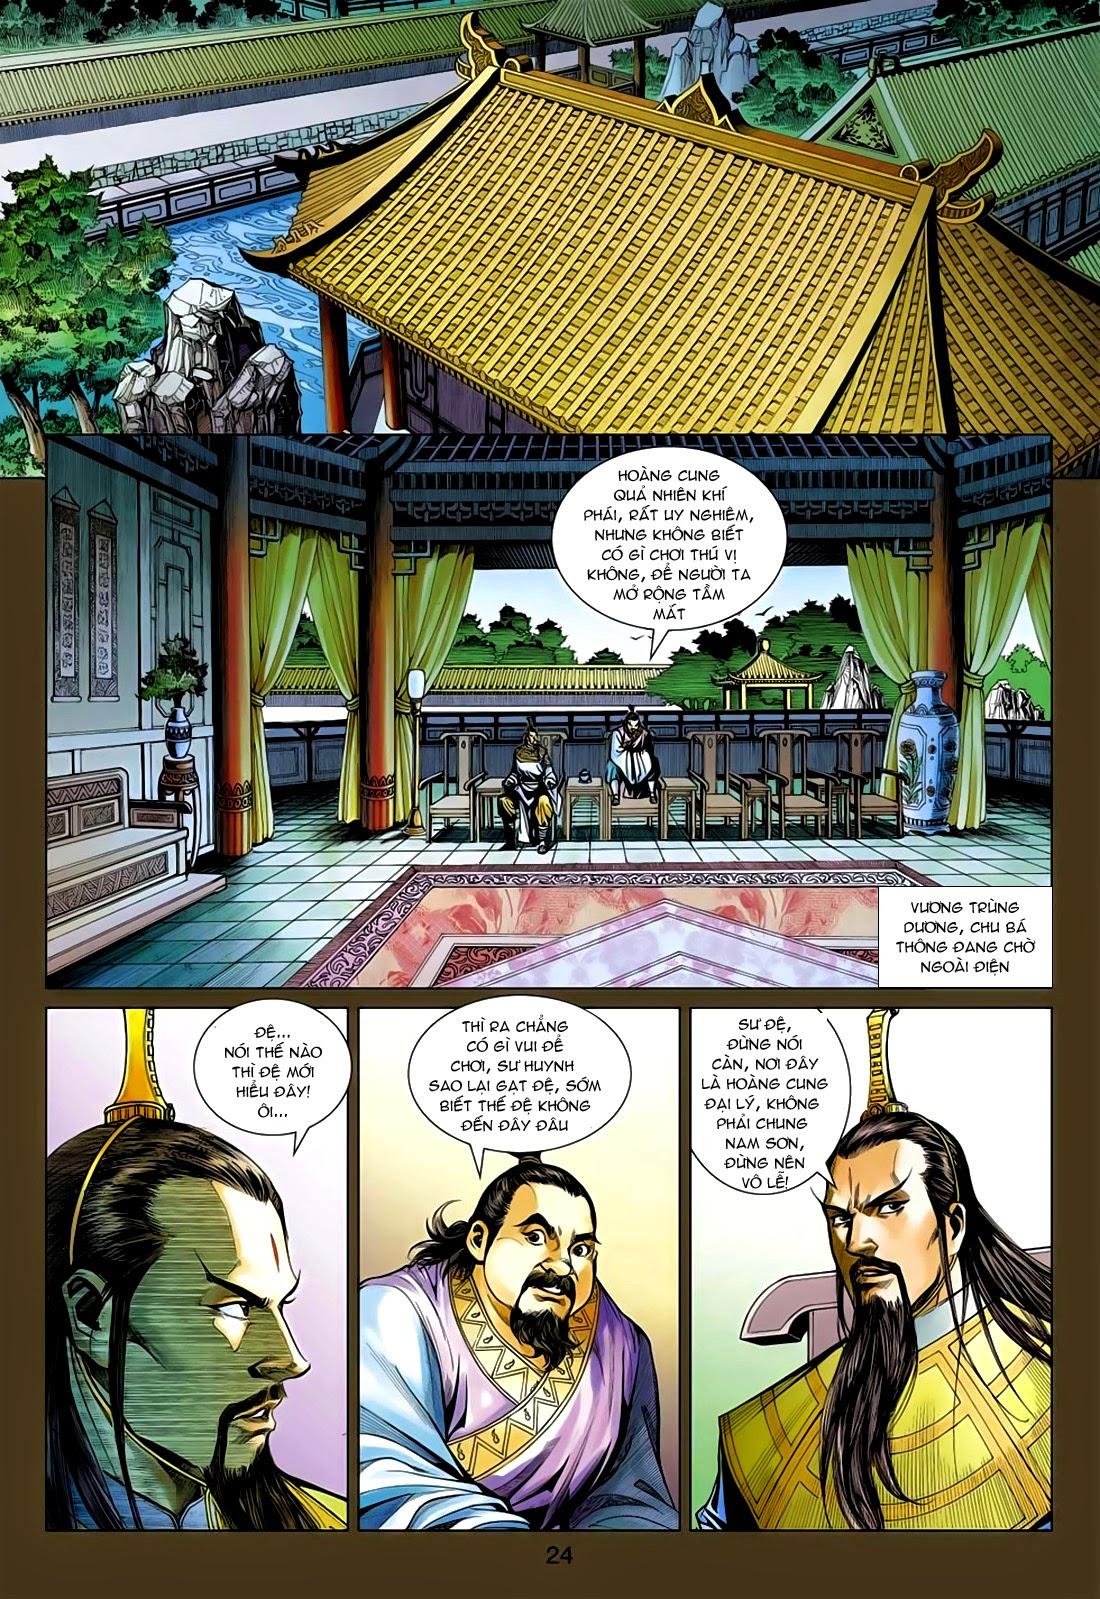 Anh Hùng Xạ Điêu anh hùng xạ đêu chap 75: hoàng thành cựu sự trang 24